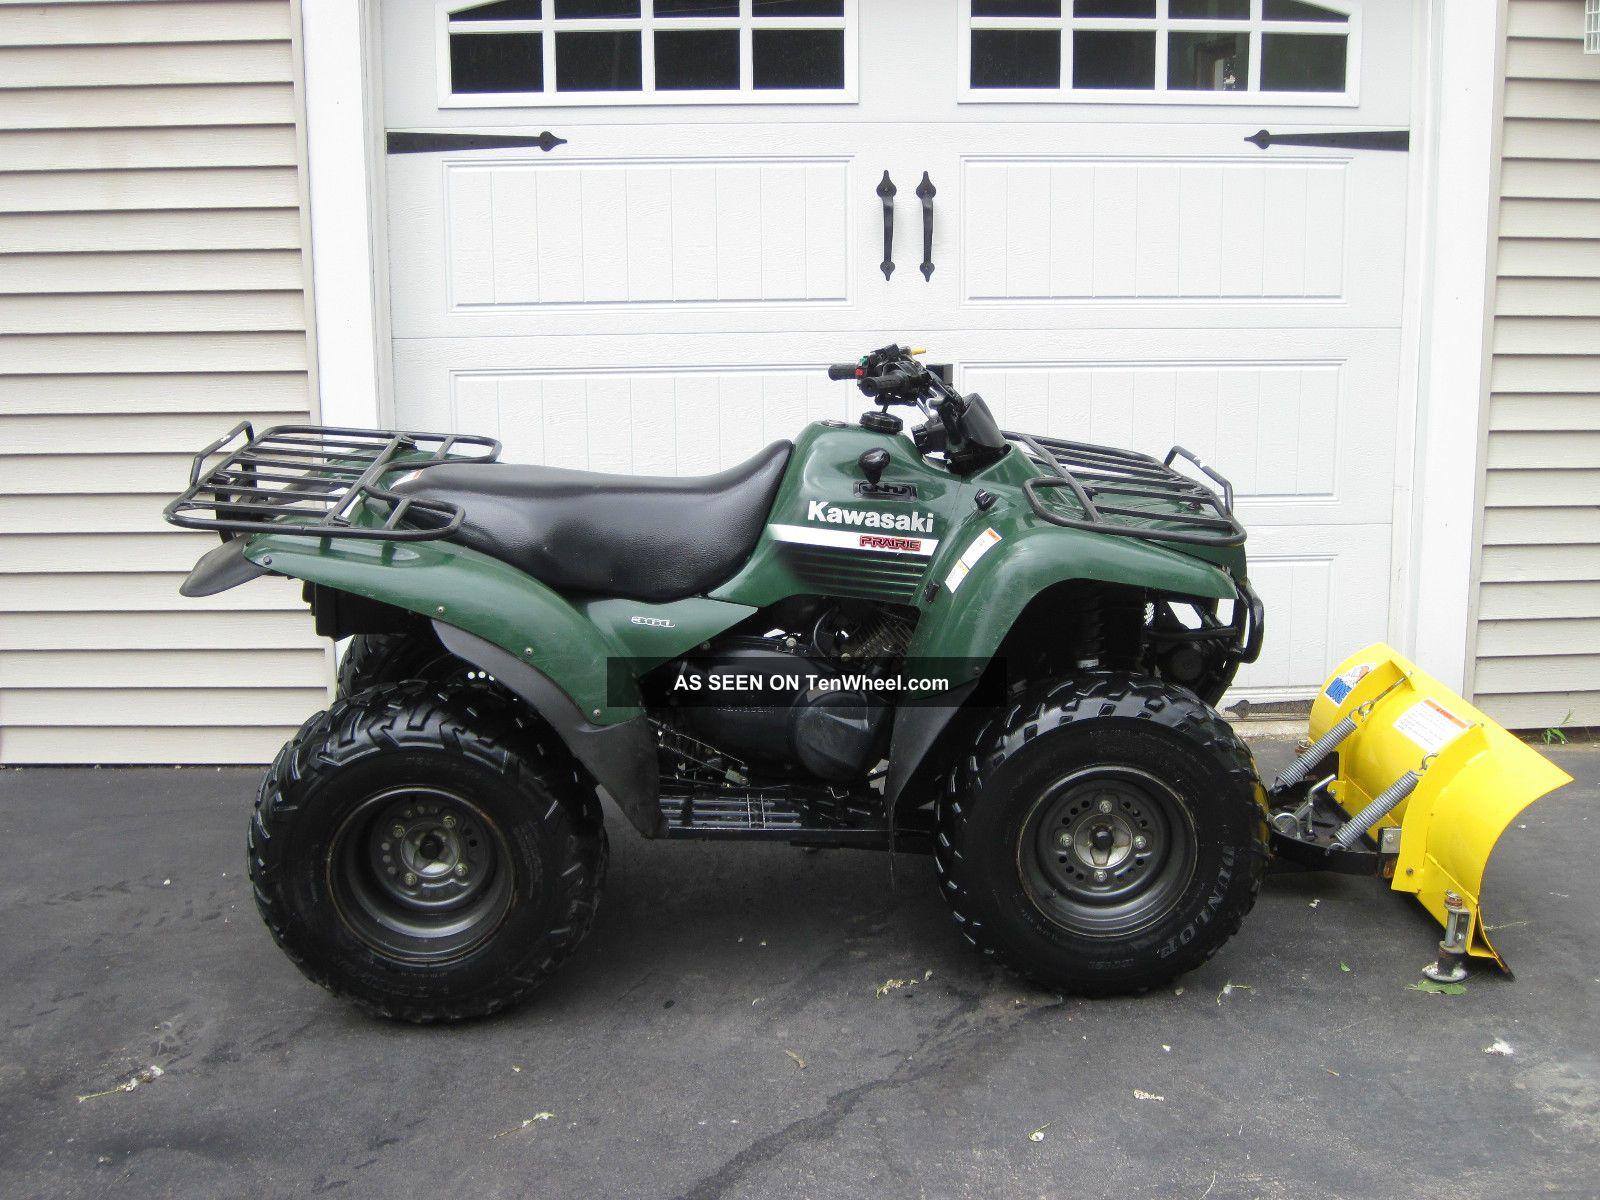 2006 Kawasaki Prairie Kawasaki photo